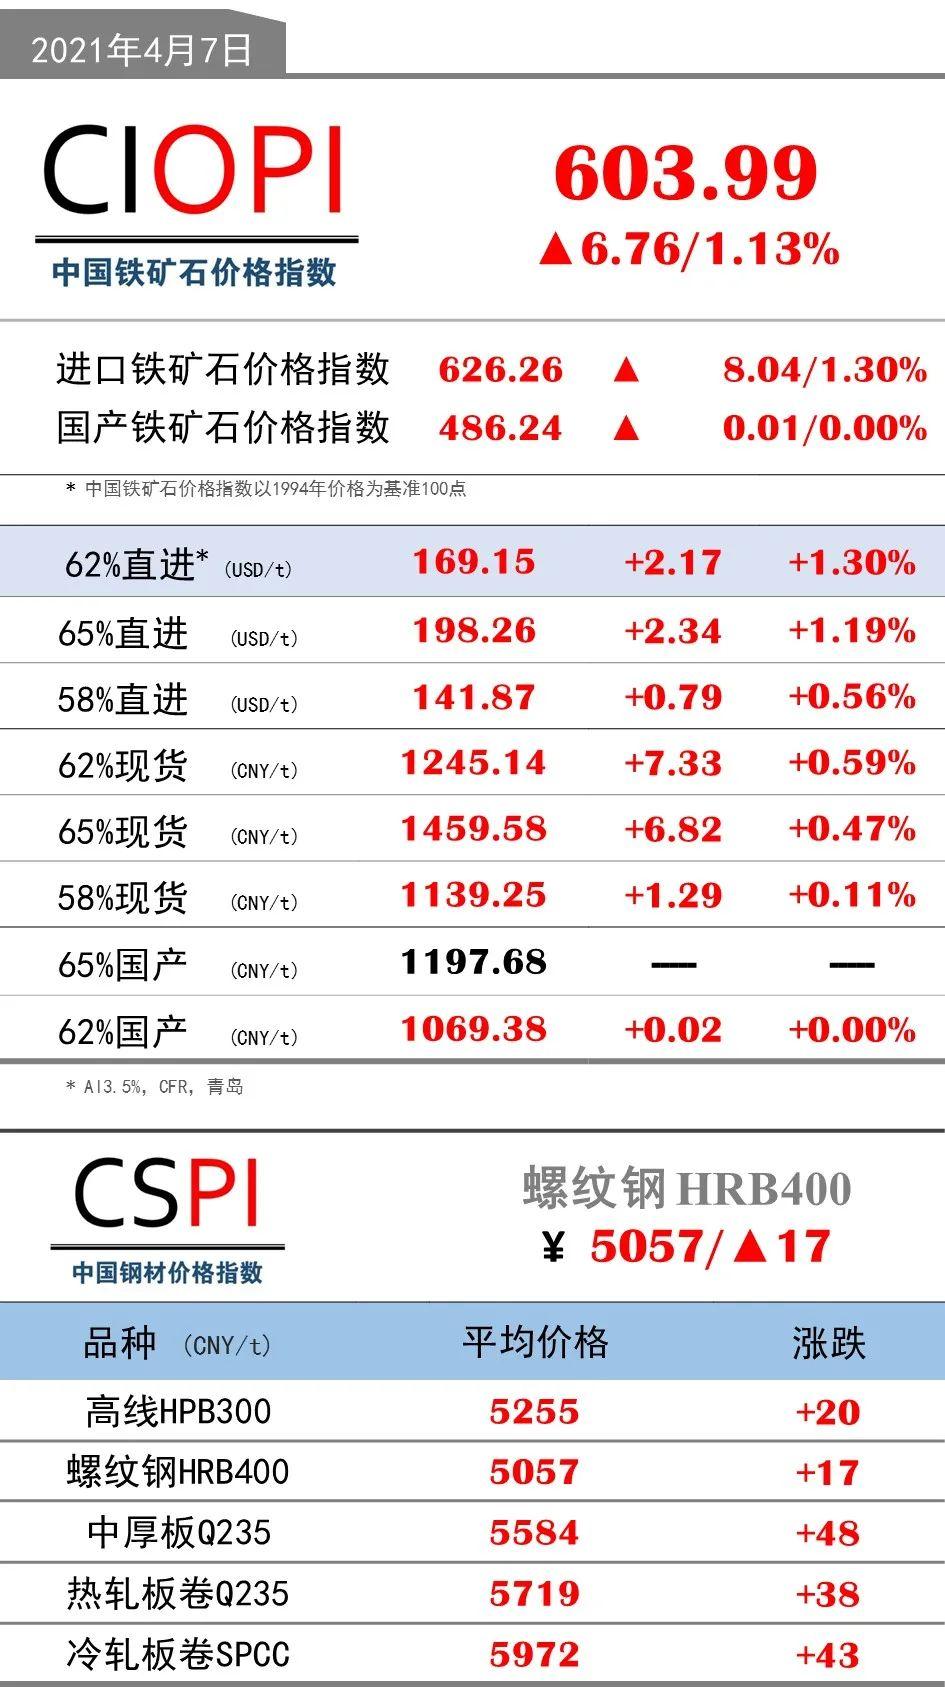 4月7日OPI 62%直进:169.15(+2.17/+1.30%)